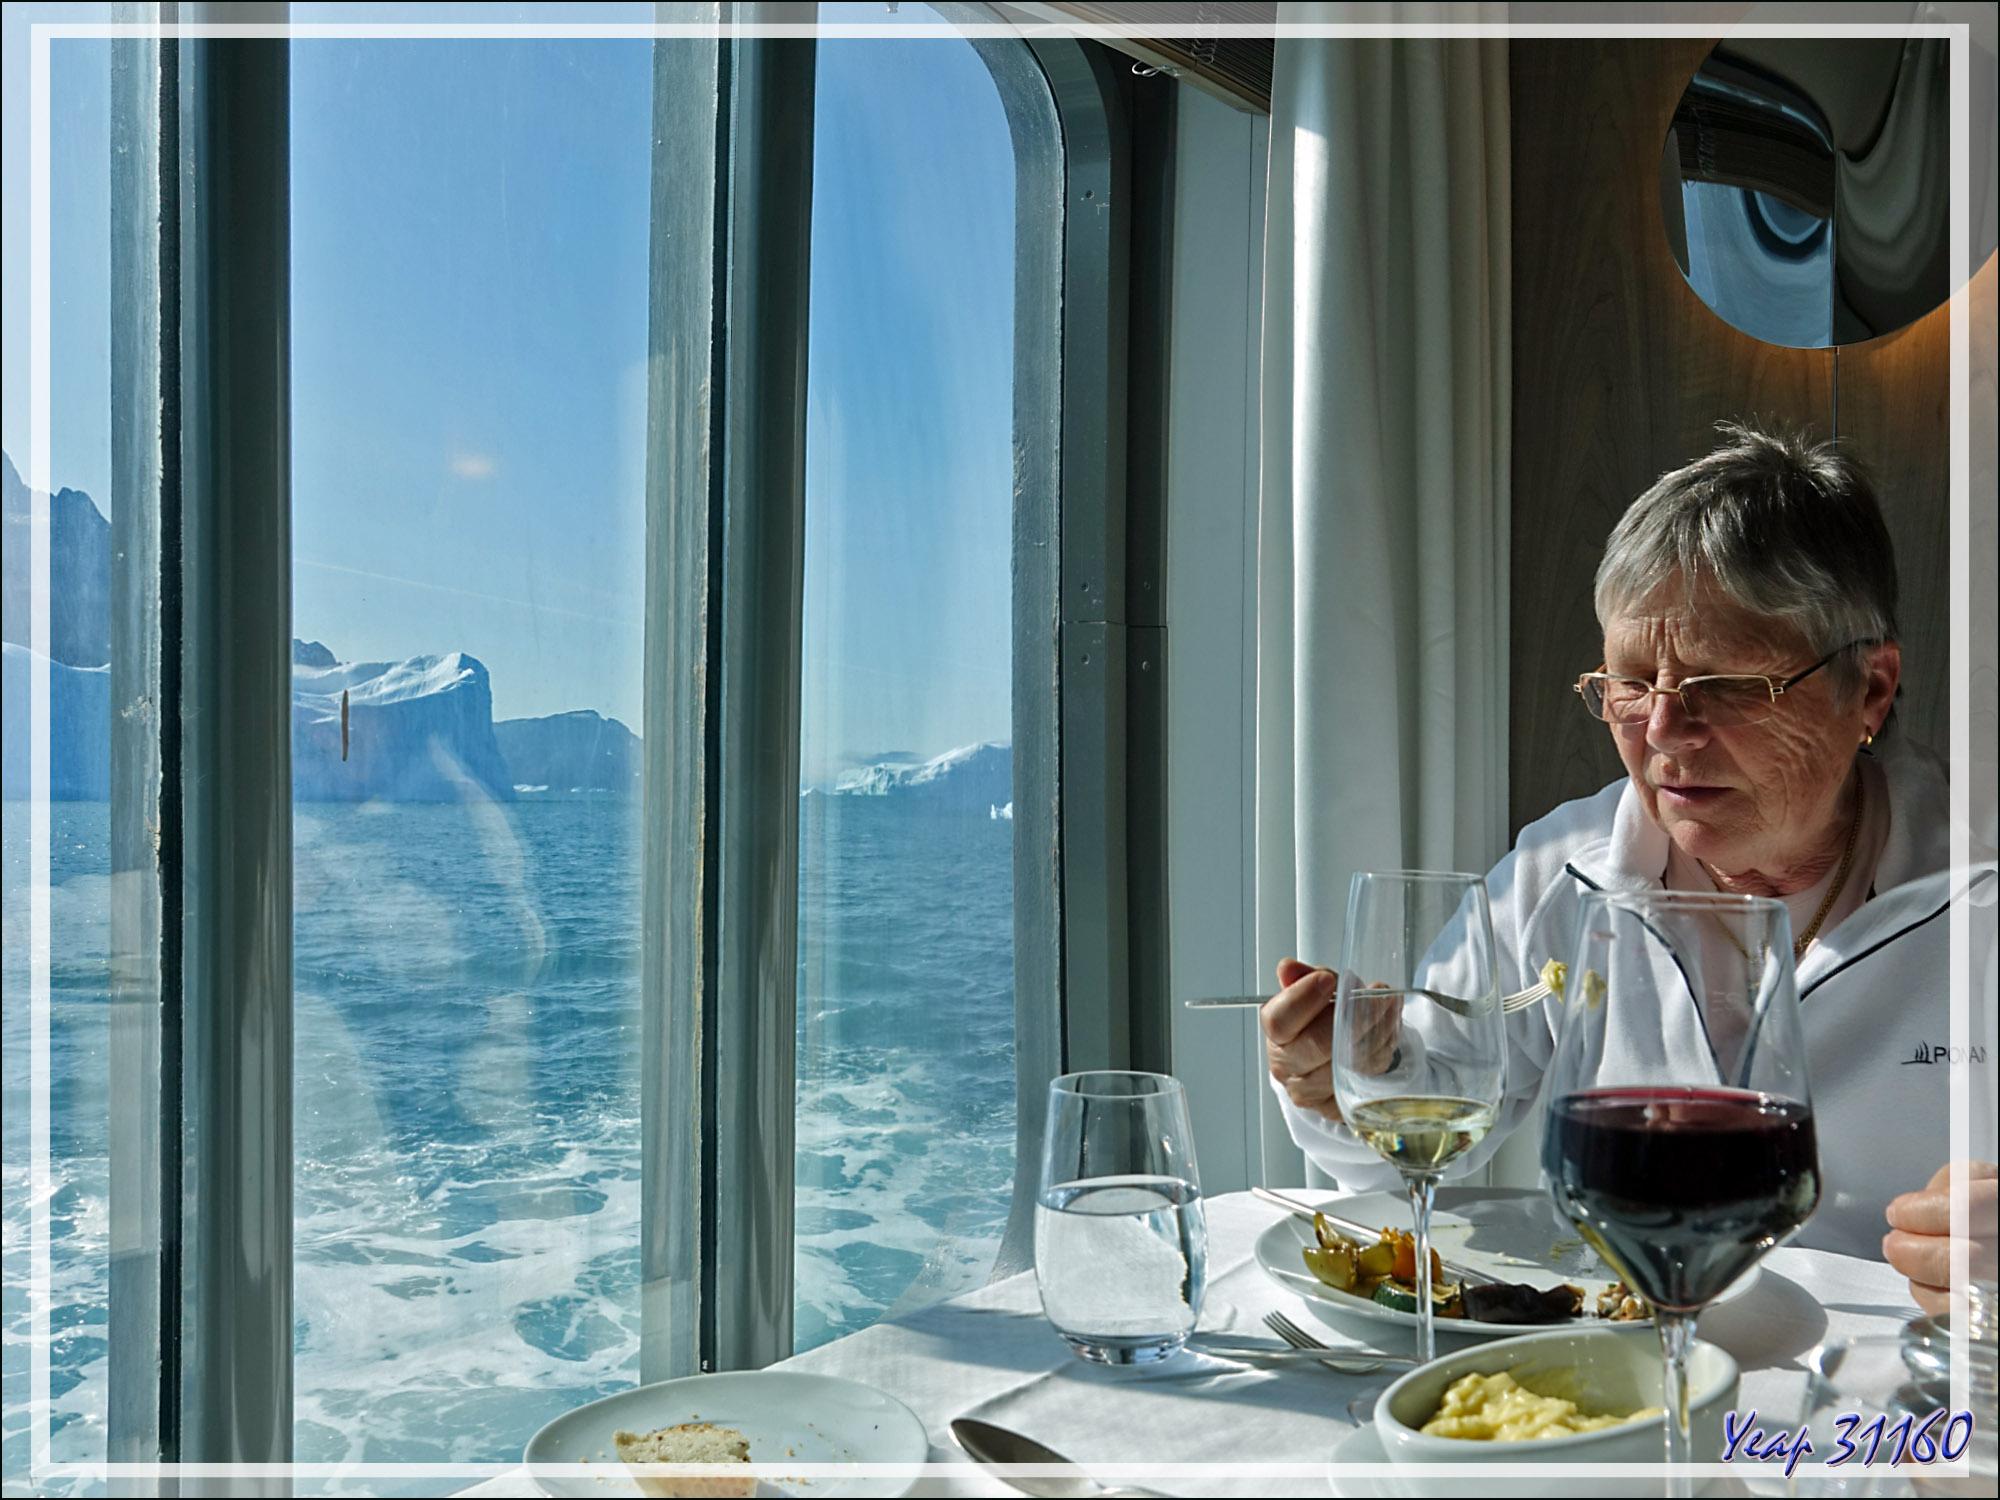 Dès le dernier passager à bord, les Zodiac remontés sur le pont supérieur, le navire reprend sa navigation et, de notre table, nous pouvons admirer le paysage - Karrat Fjord - Groenland